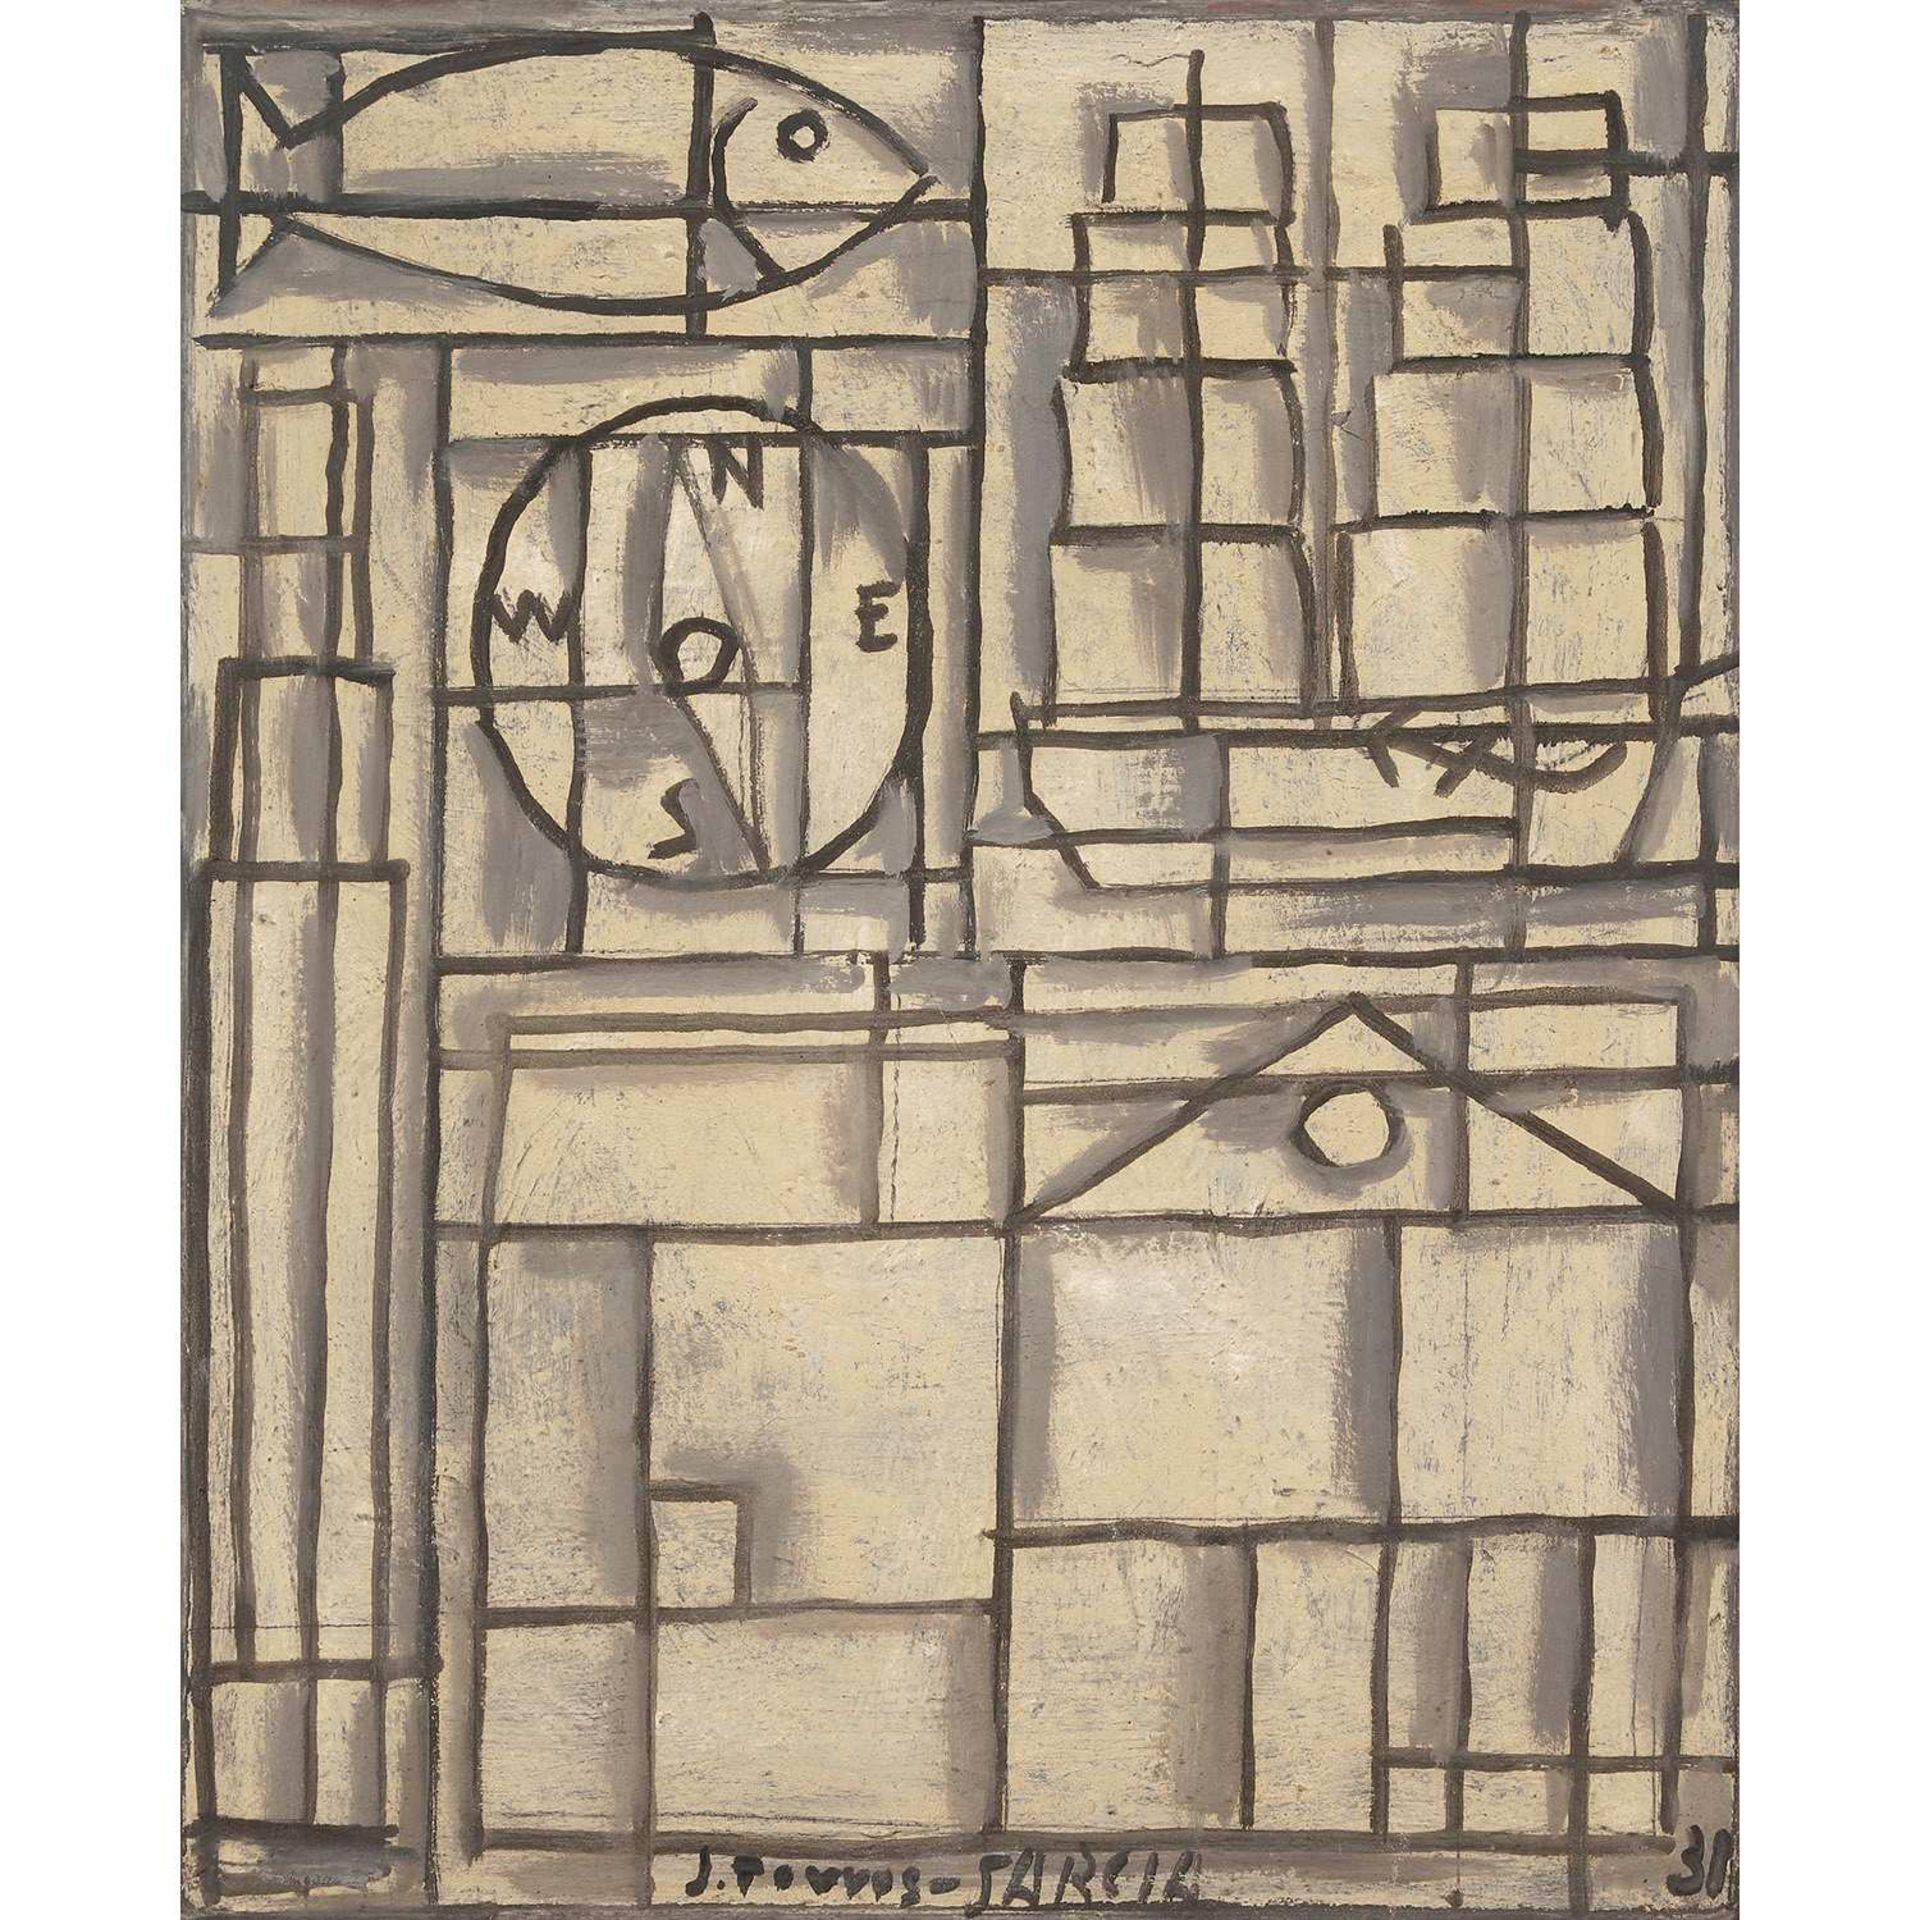 Los 12 - JOAQUÍN TORRES-GARCÍA (1974-1949) COMPOSITION CONSTRUCTIVISTE, 1931 Huile sur toile Signée et